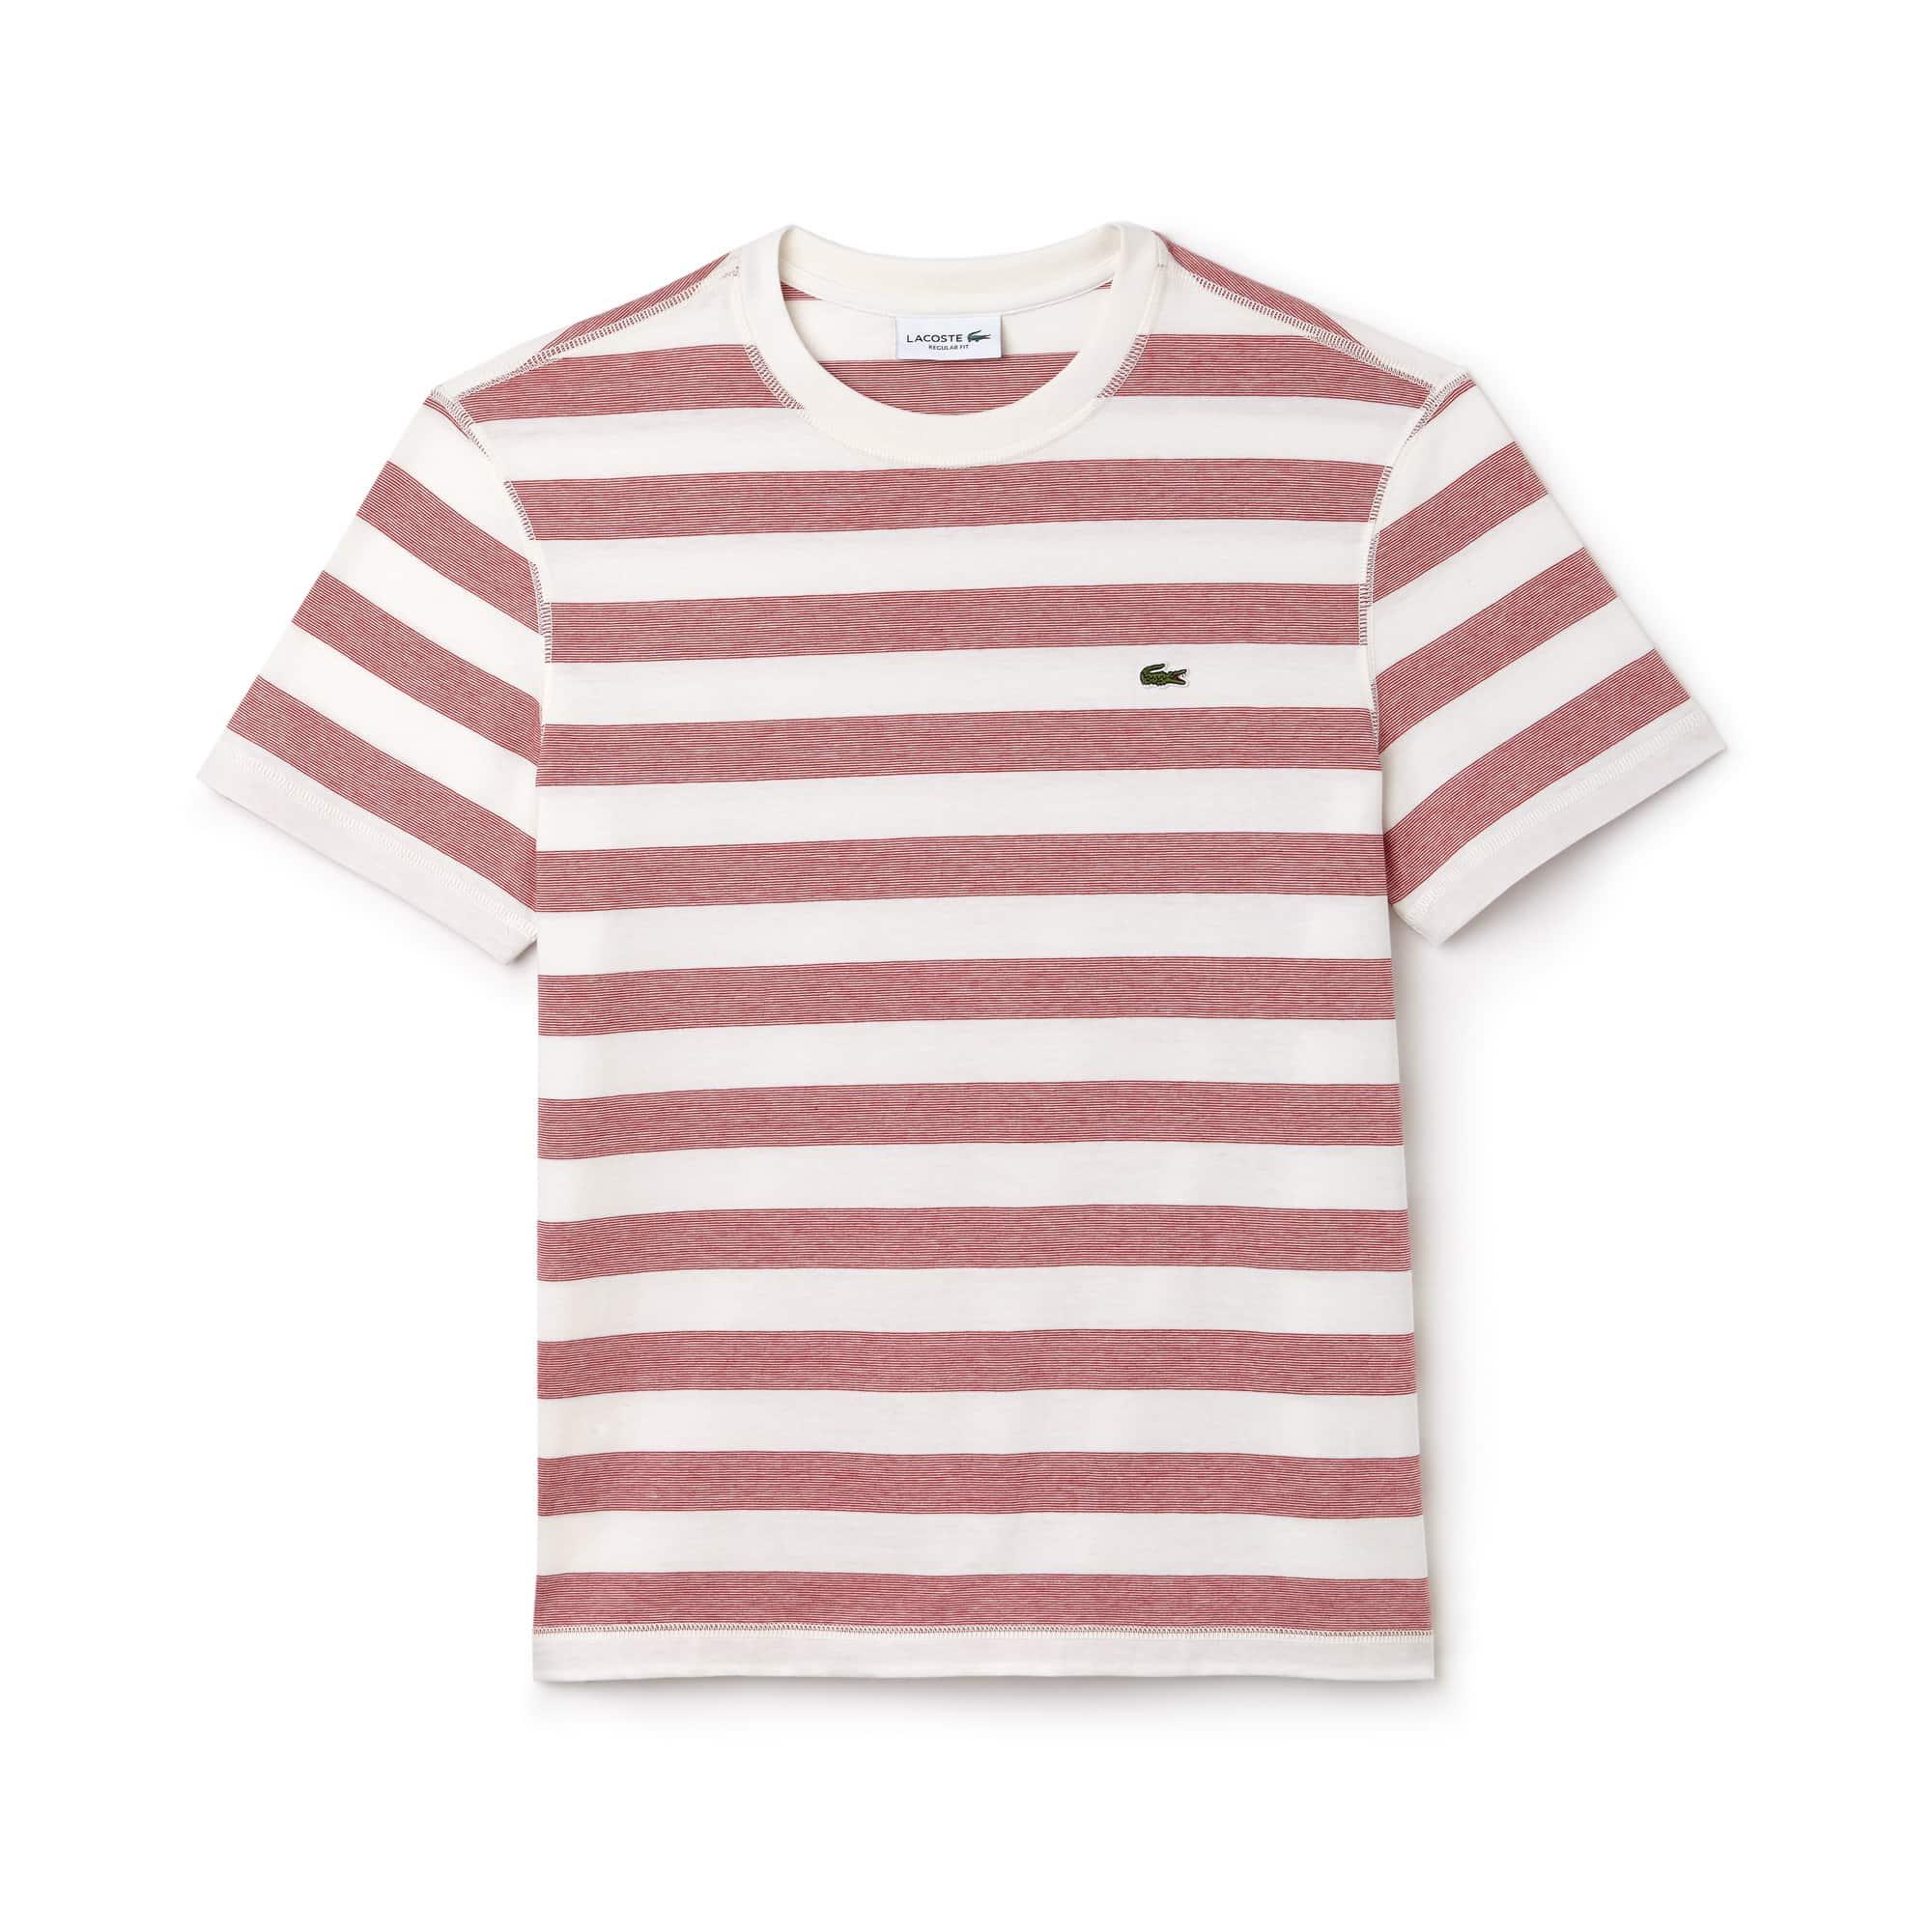 T-shirt a girocollo in jersey di cotone a righe